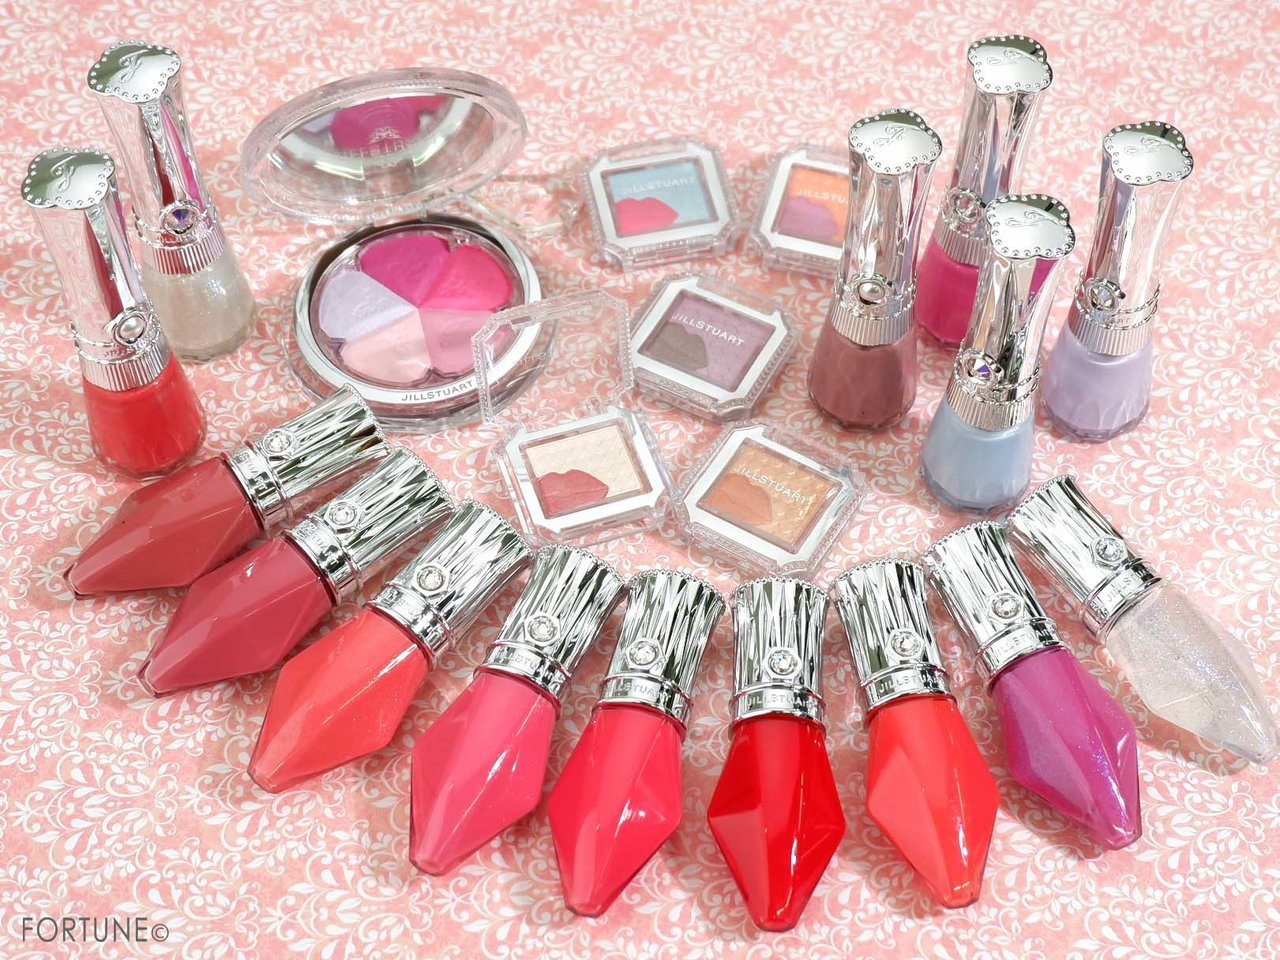 画像:JILL STUART Beauty(ジルスチュアート ビューティ)夏コレクション『Crystal Carat』